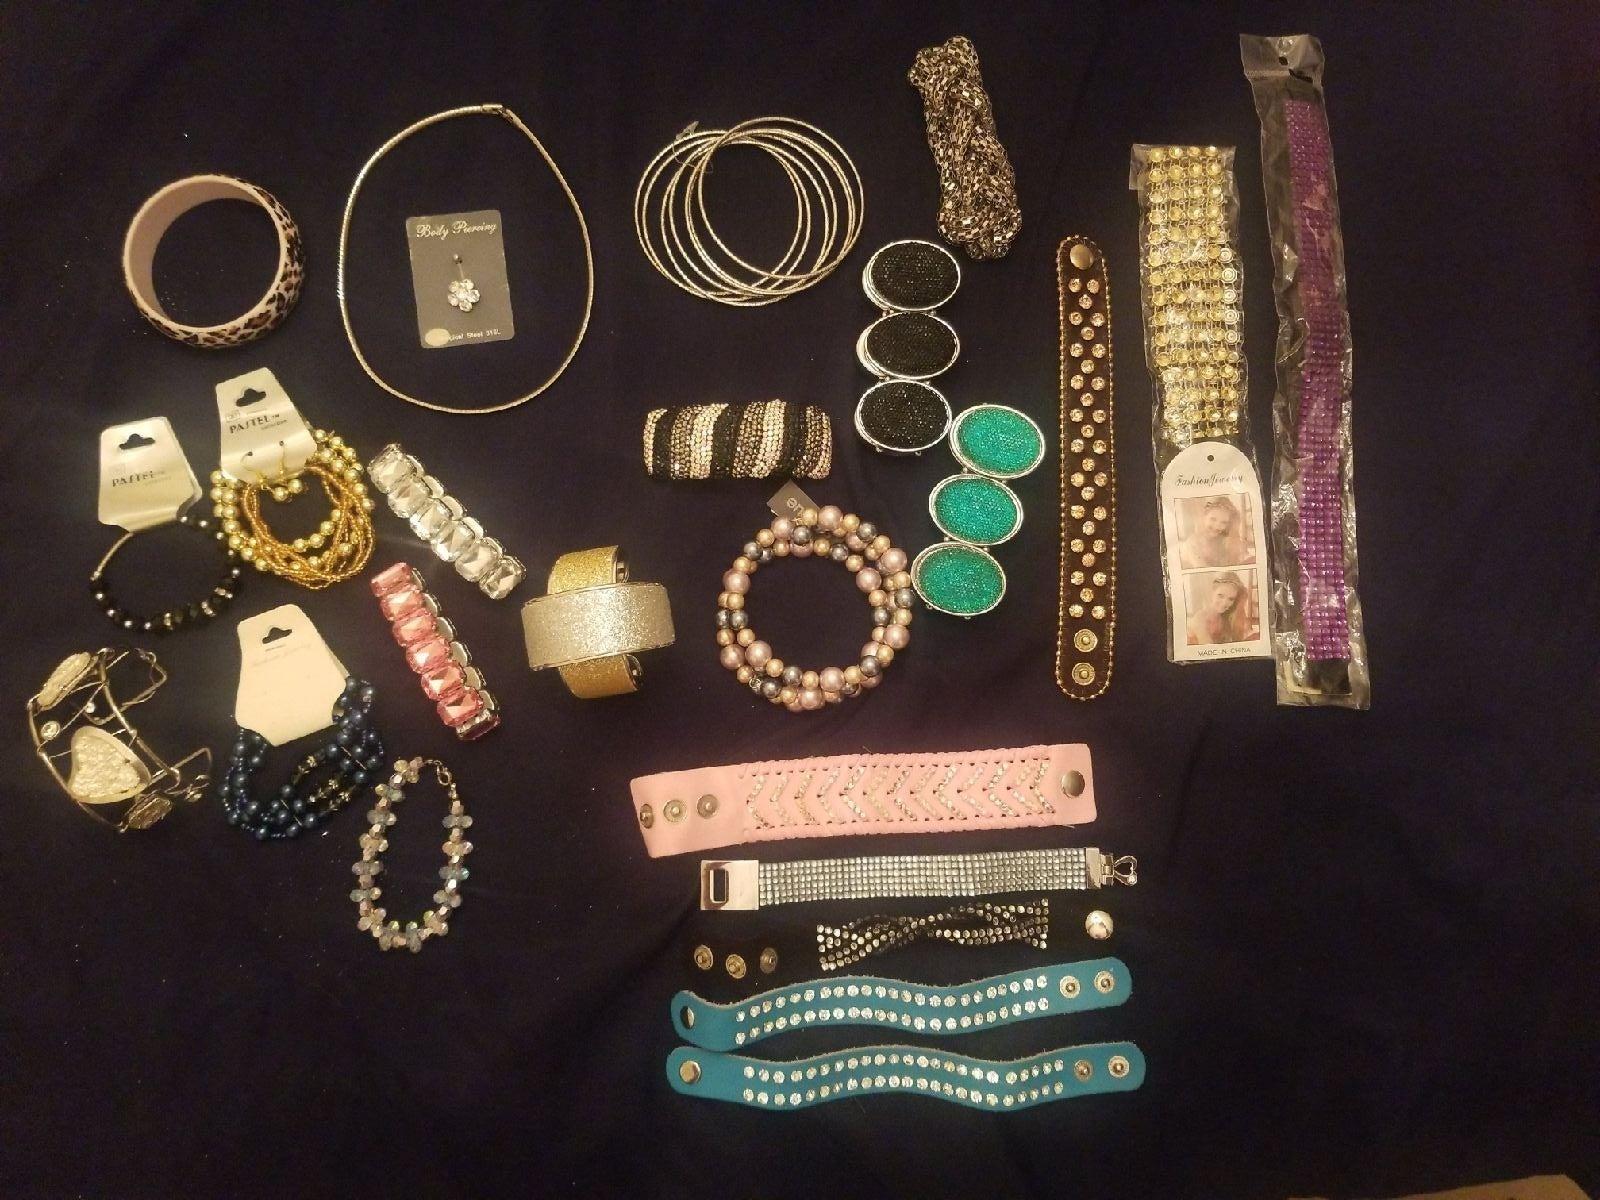 26-Pieces Large Lot of Bracelets